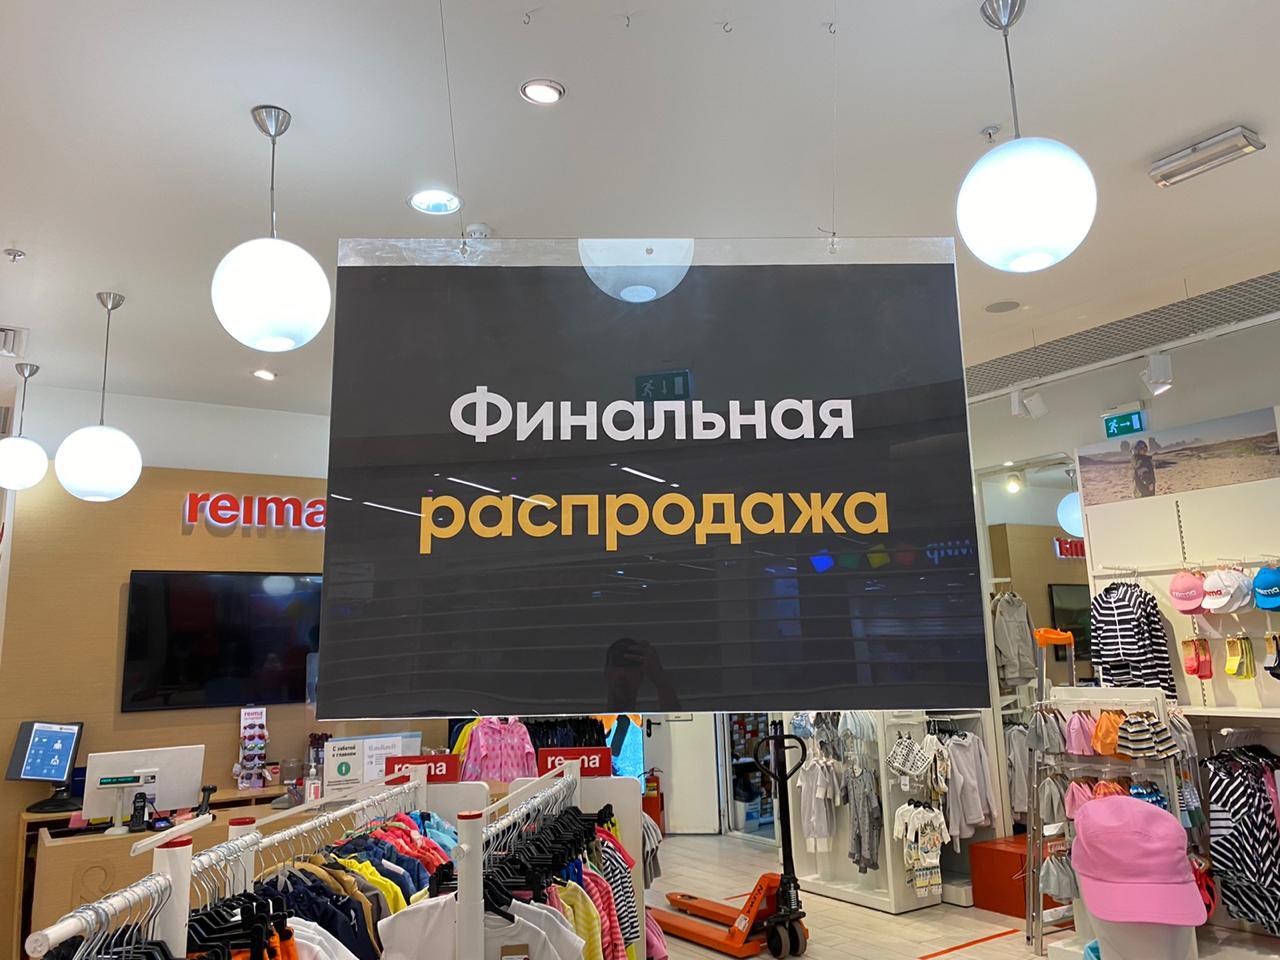 Печать рекламной продукции, печать на бумаге - рекламная компания PrintPro в Москве